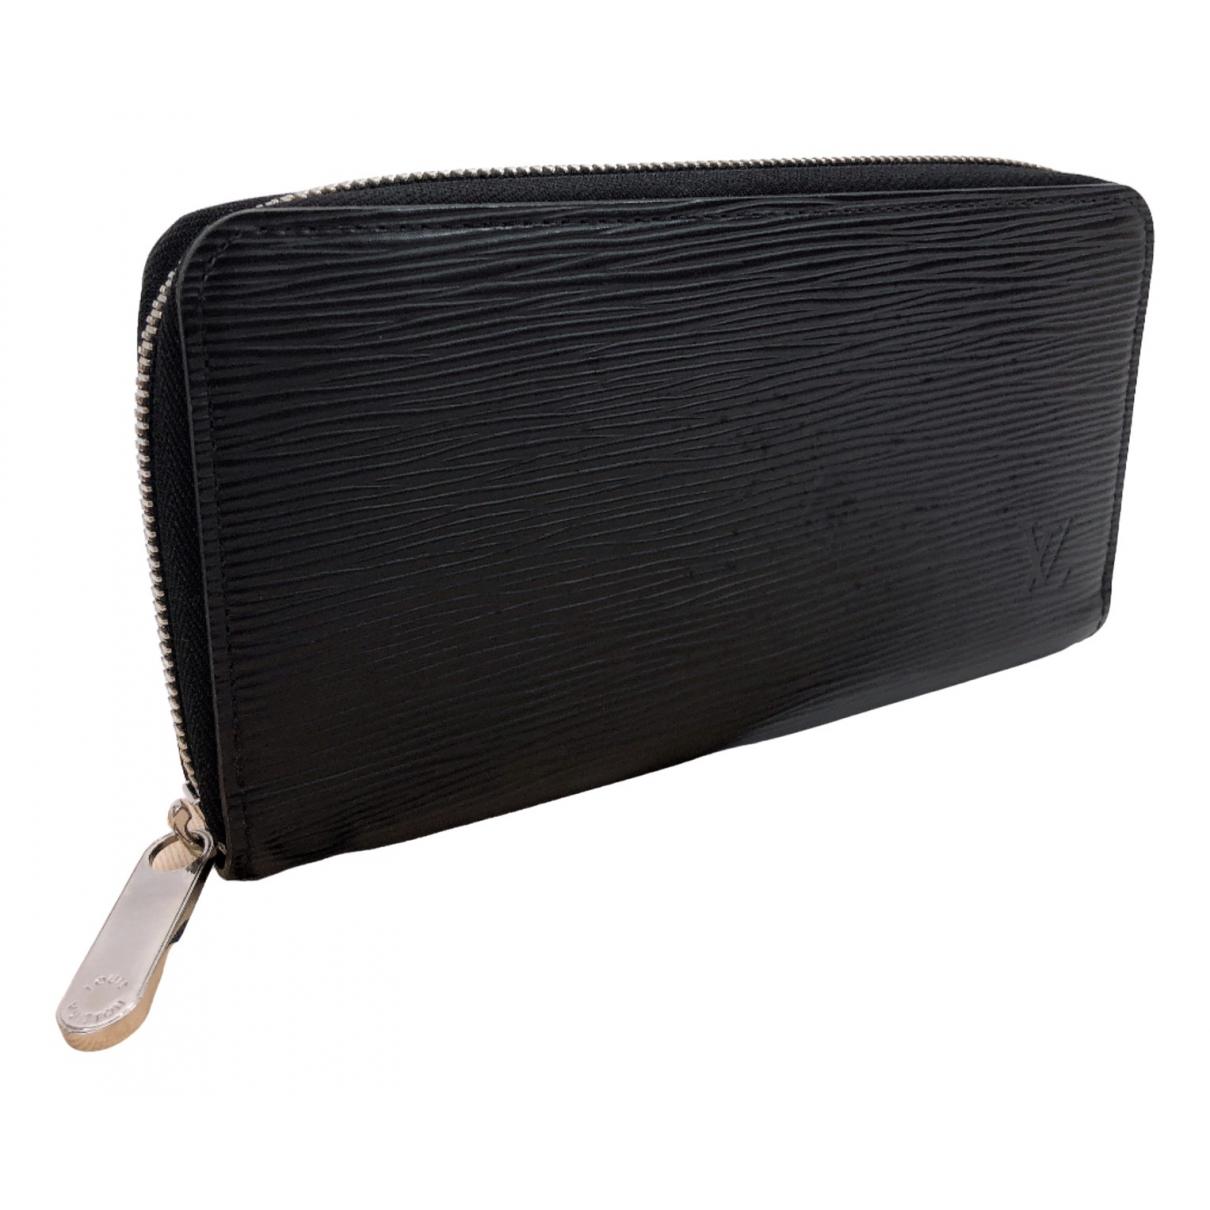 Louis Vuitton - Petite maroquinerie   pour homme en cuir - argente